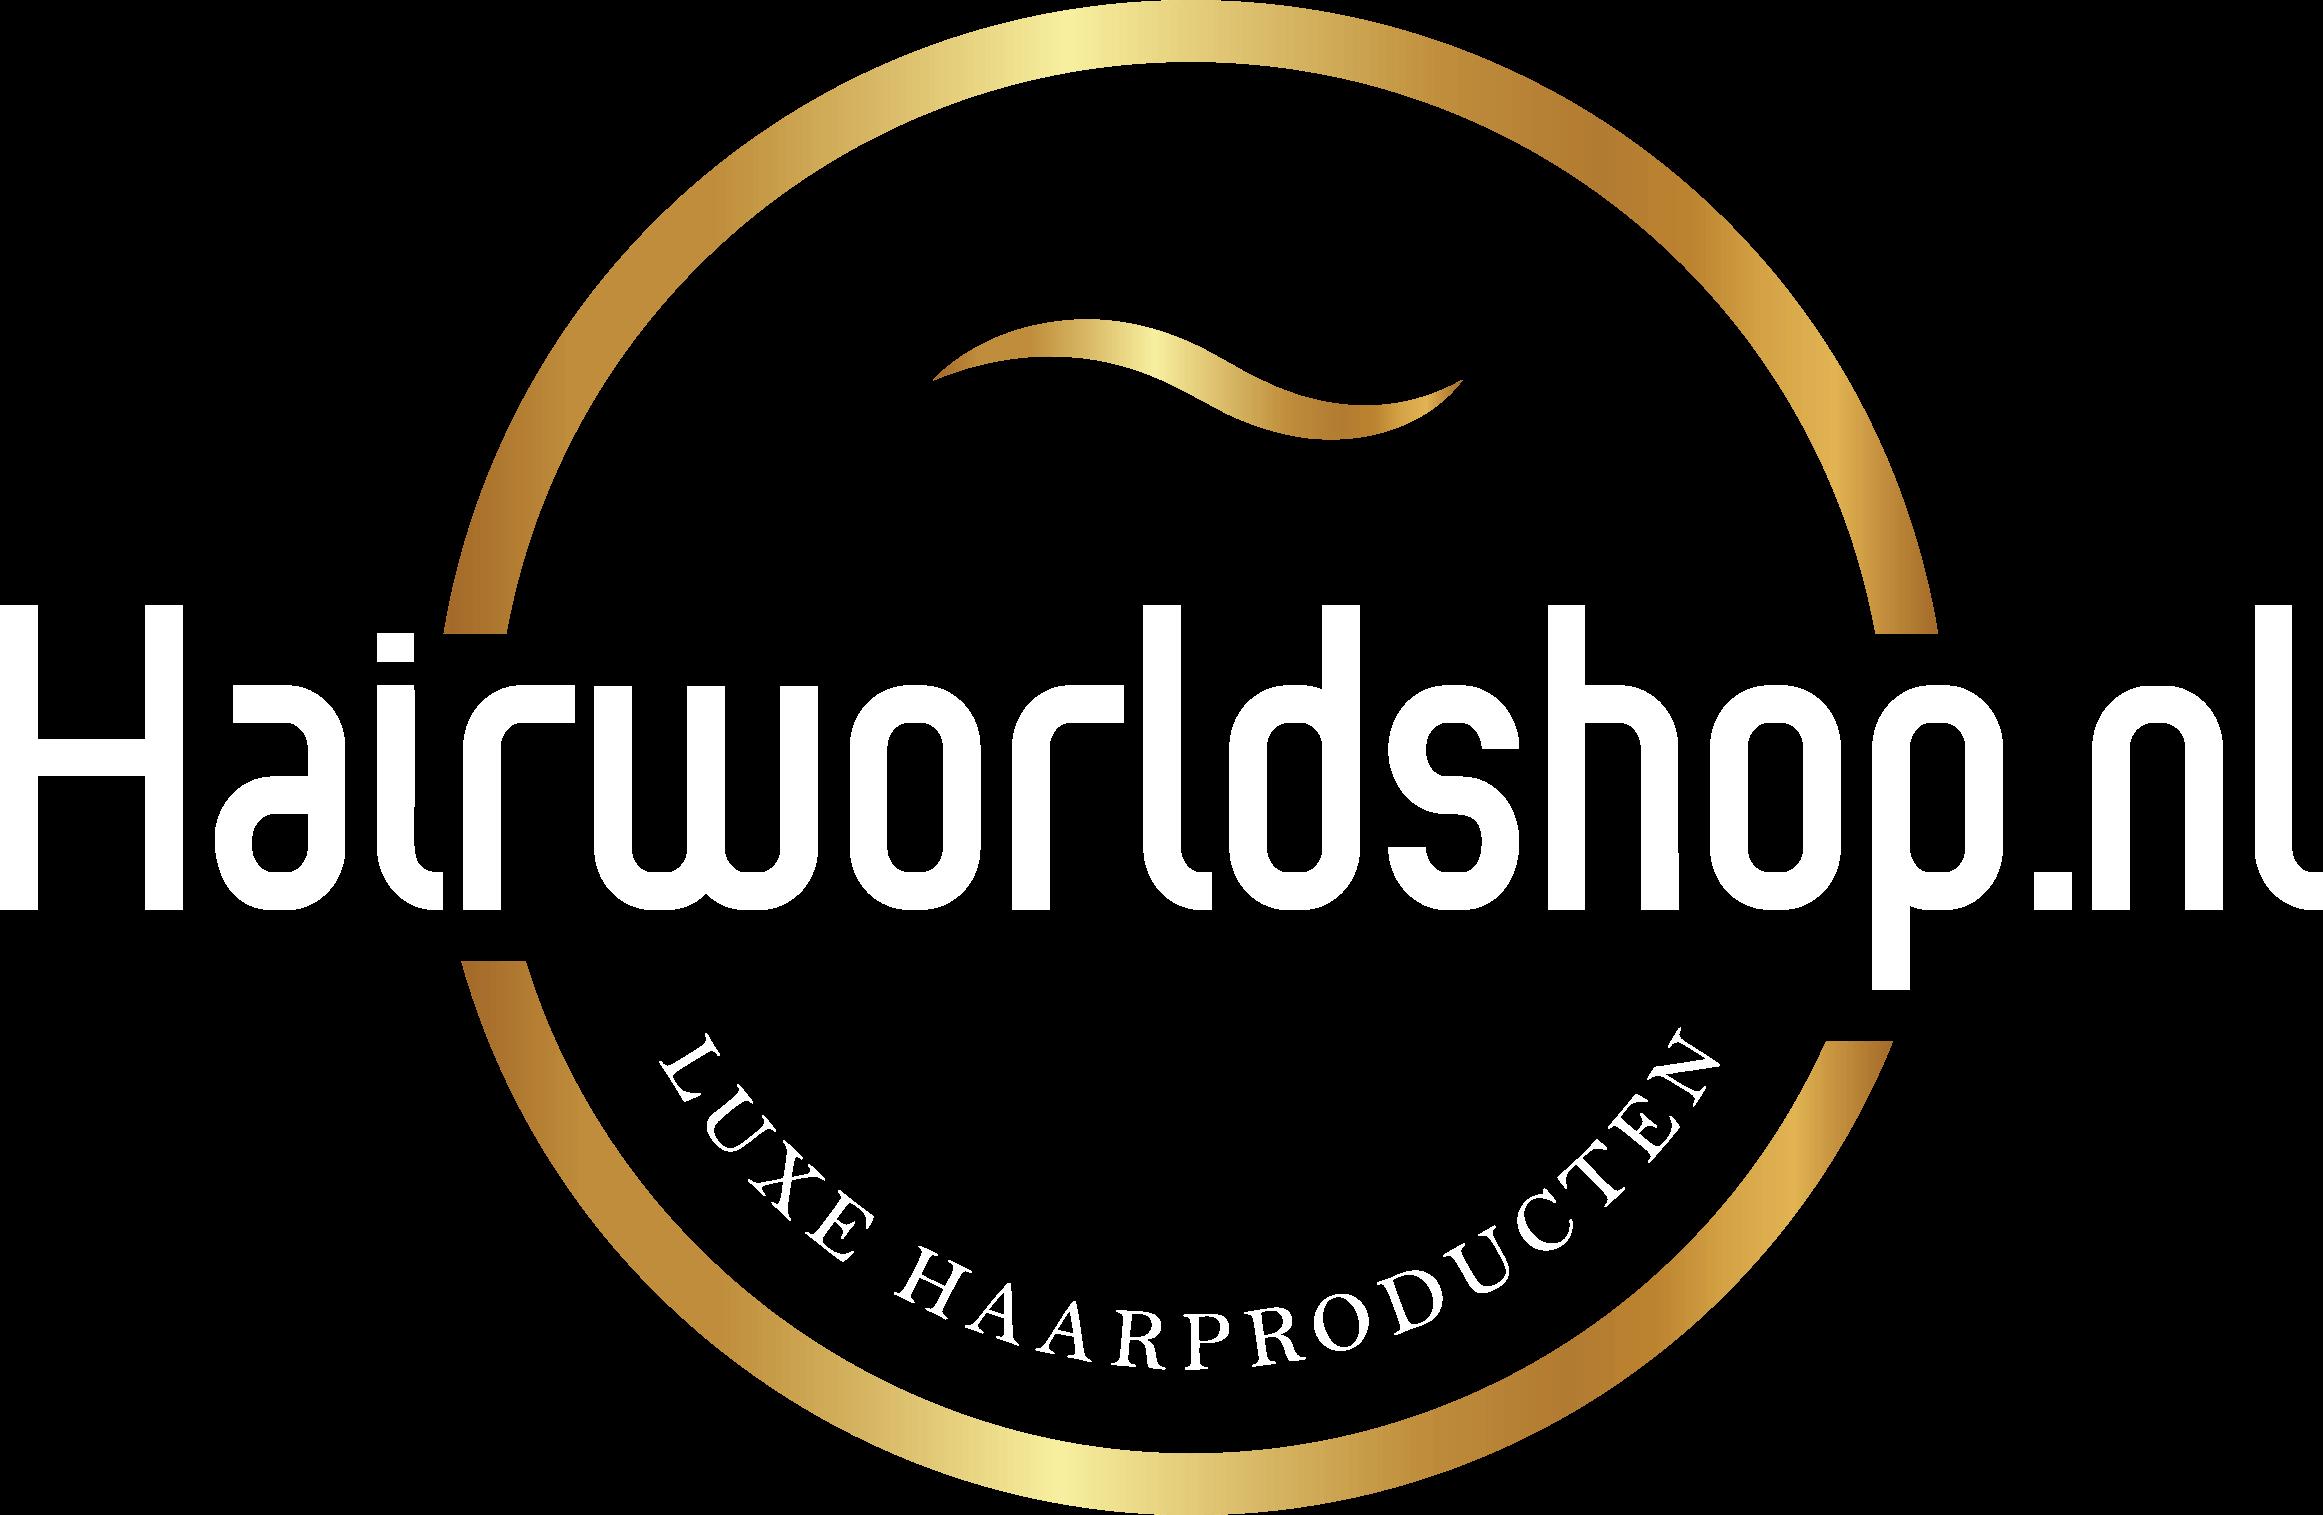 Hairworldshop.nl